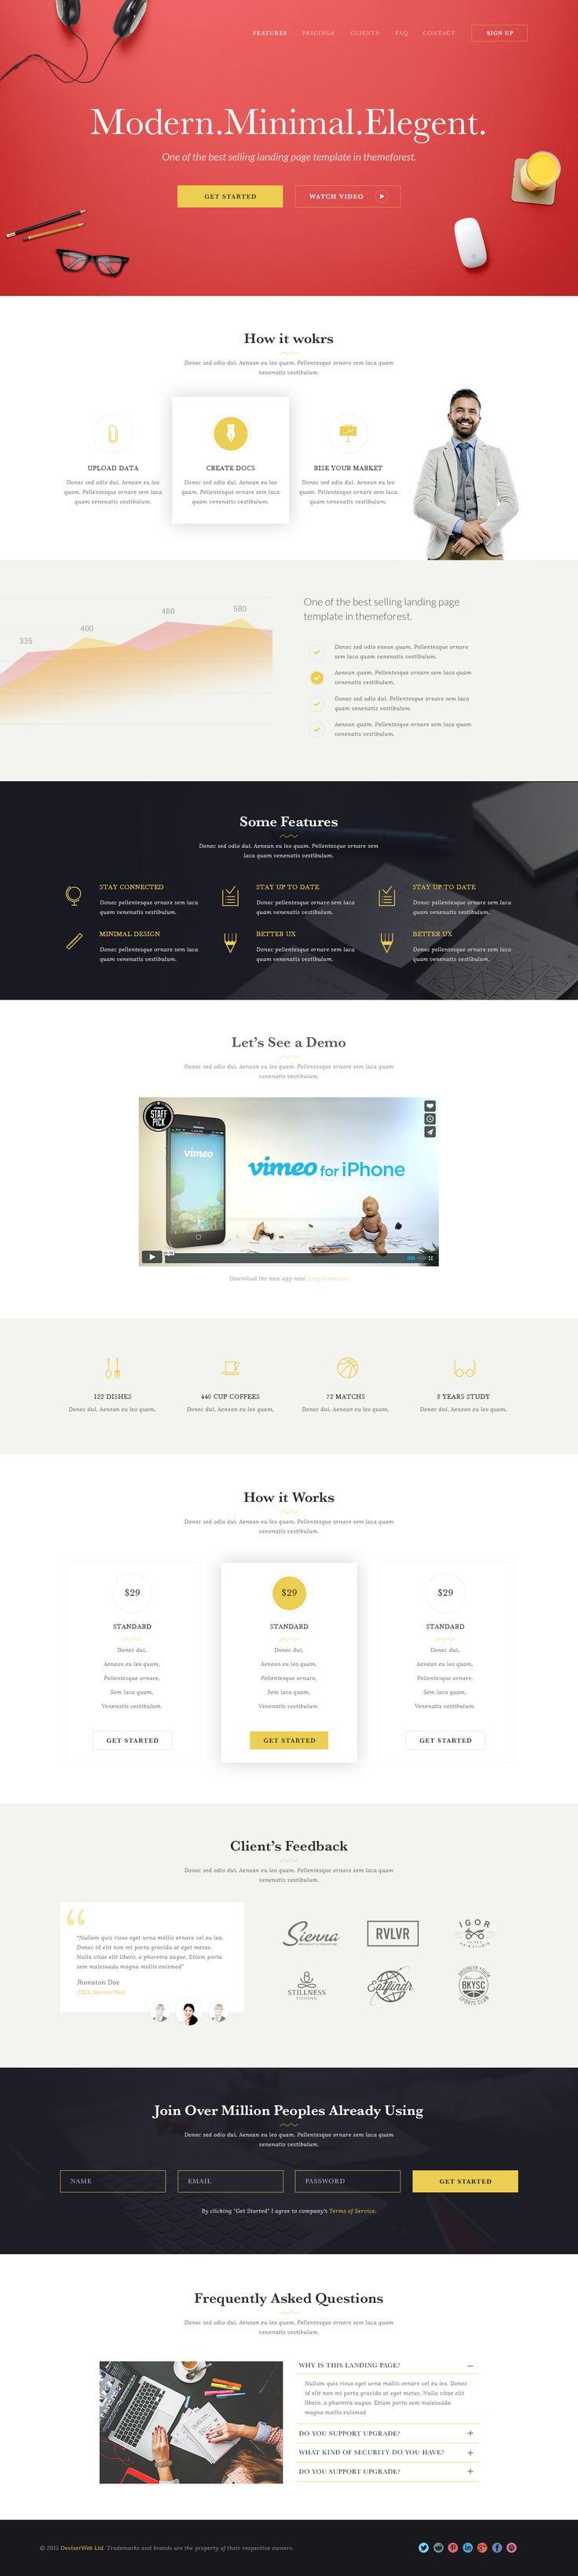 440 best Layout Design images on Pinterest | Website designs ...